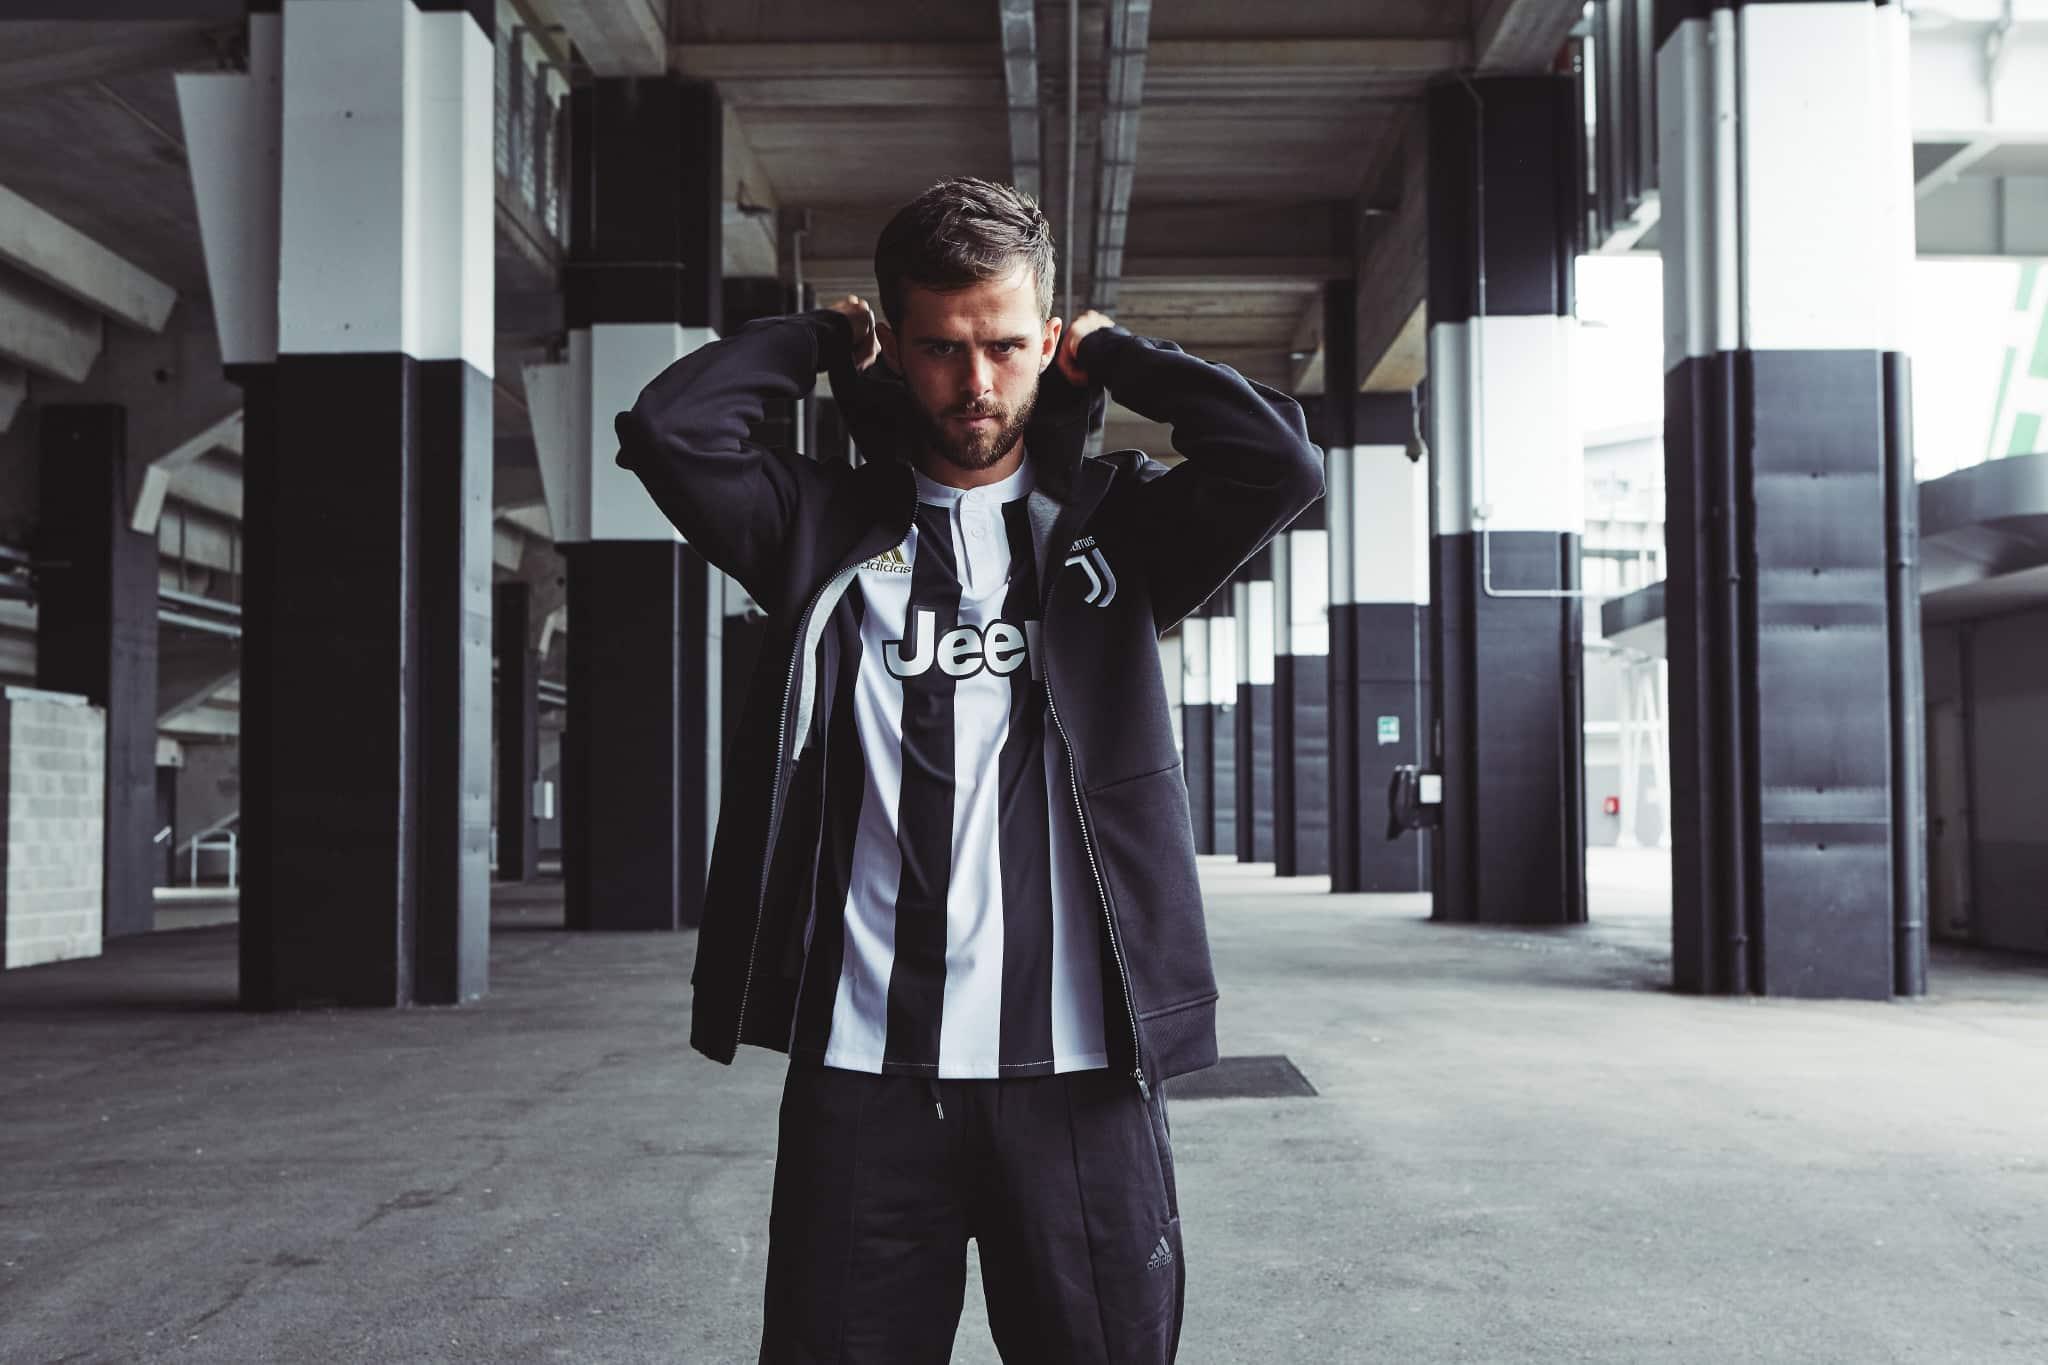 La Juve dévoile son nouveau maillot domicile 2017